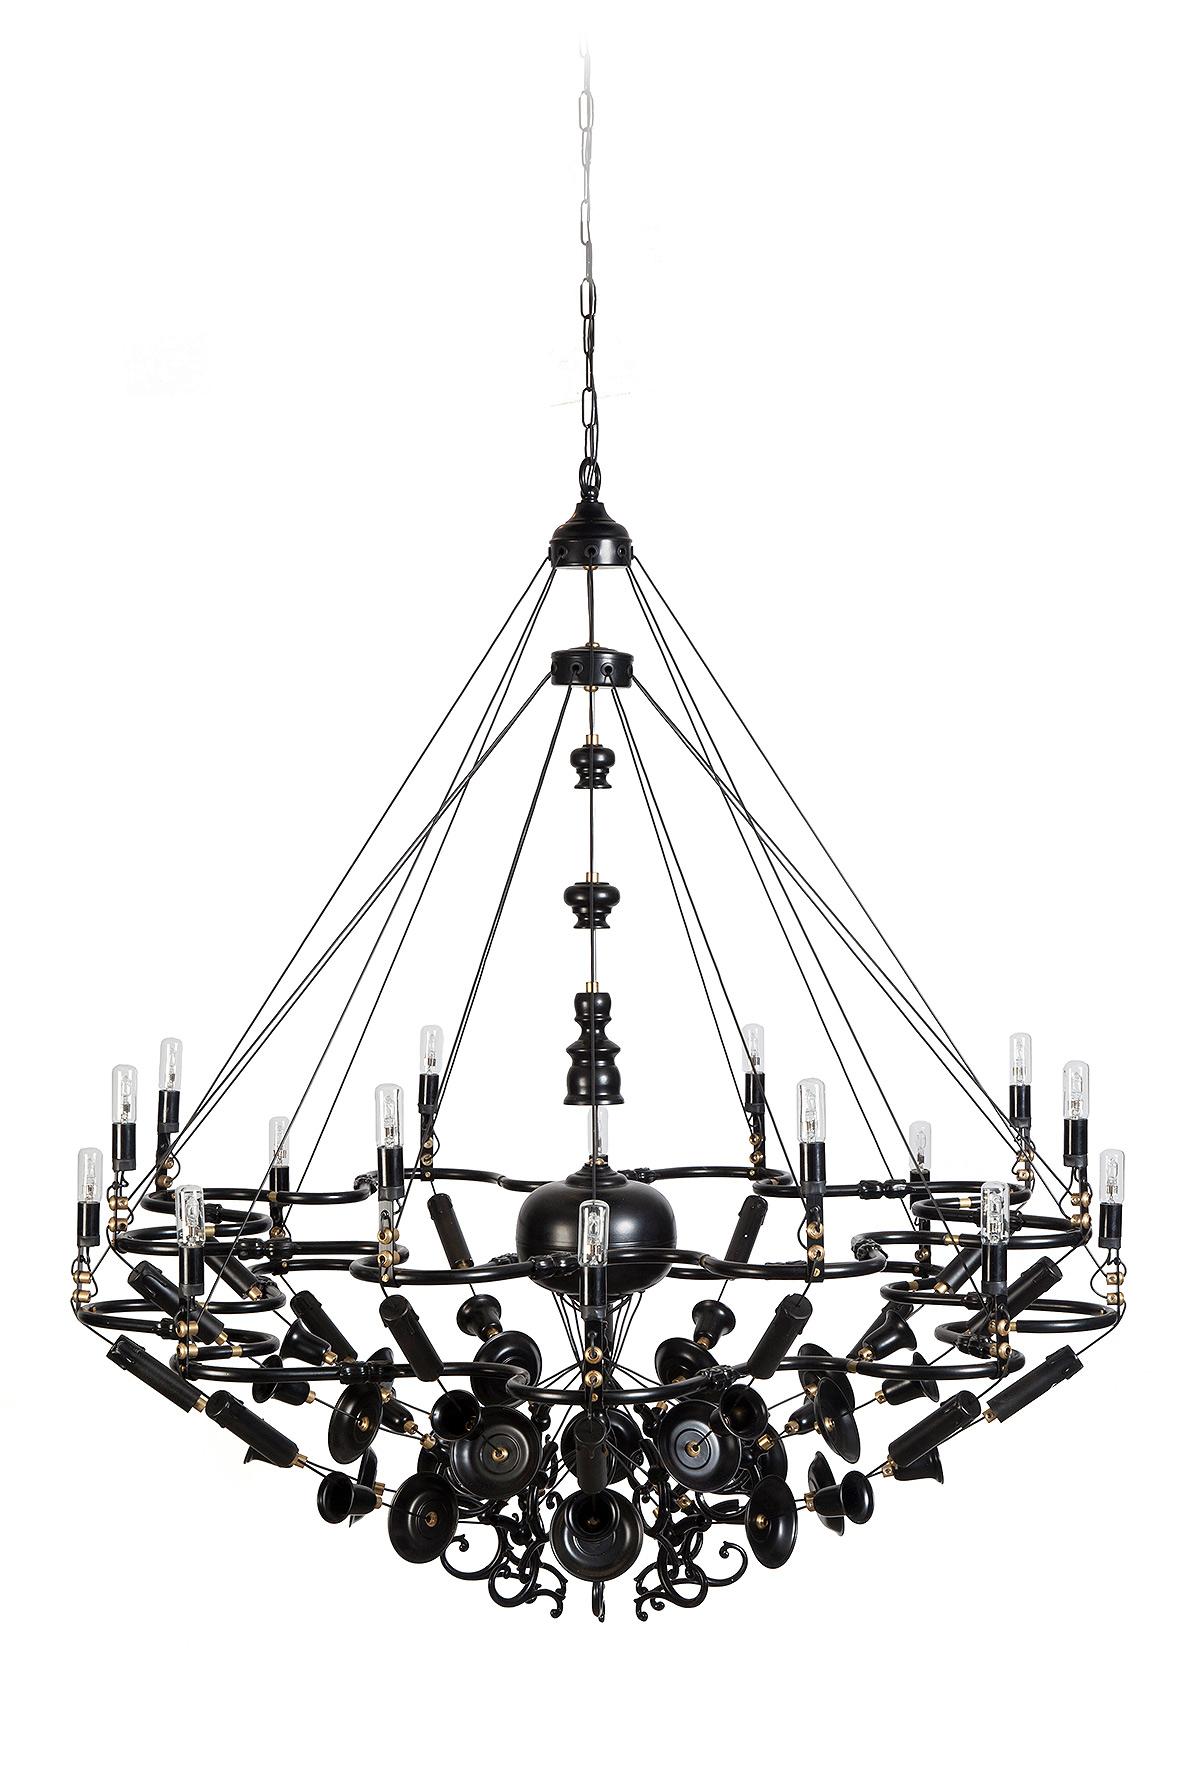 exploded-chandelier1.jpg